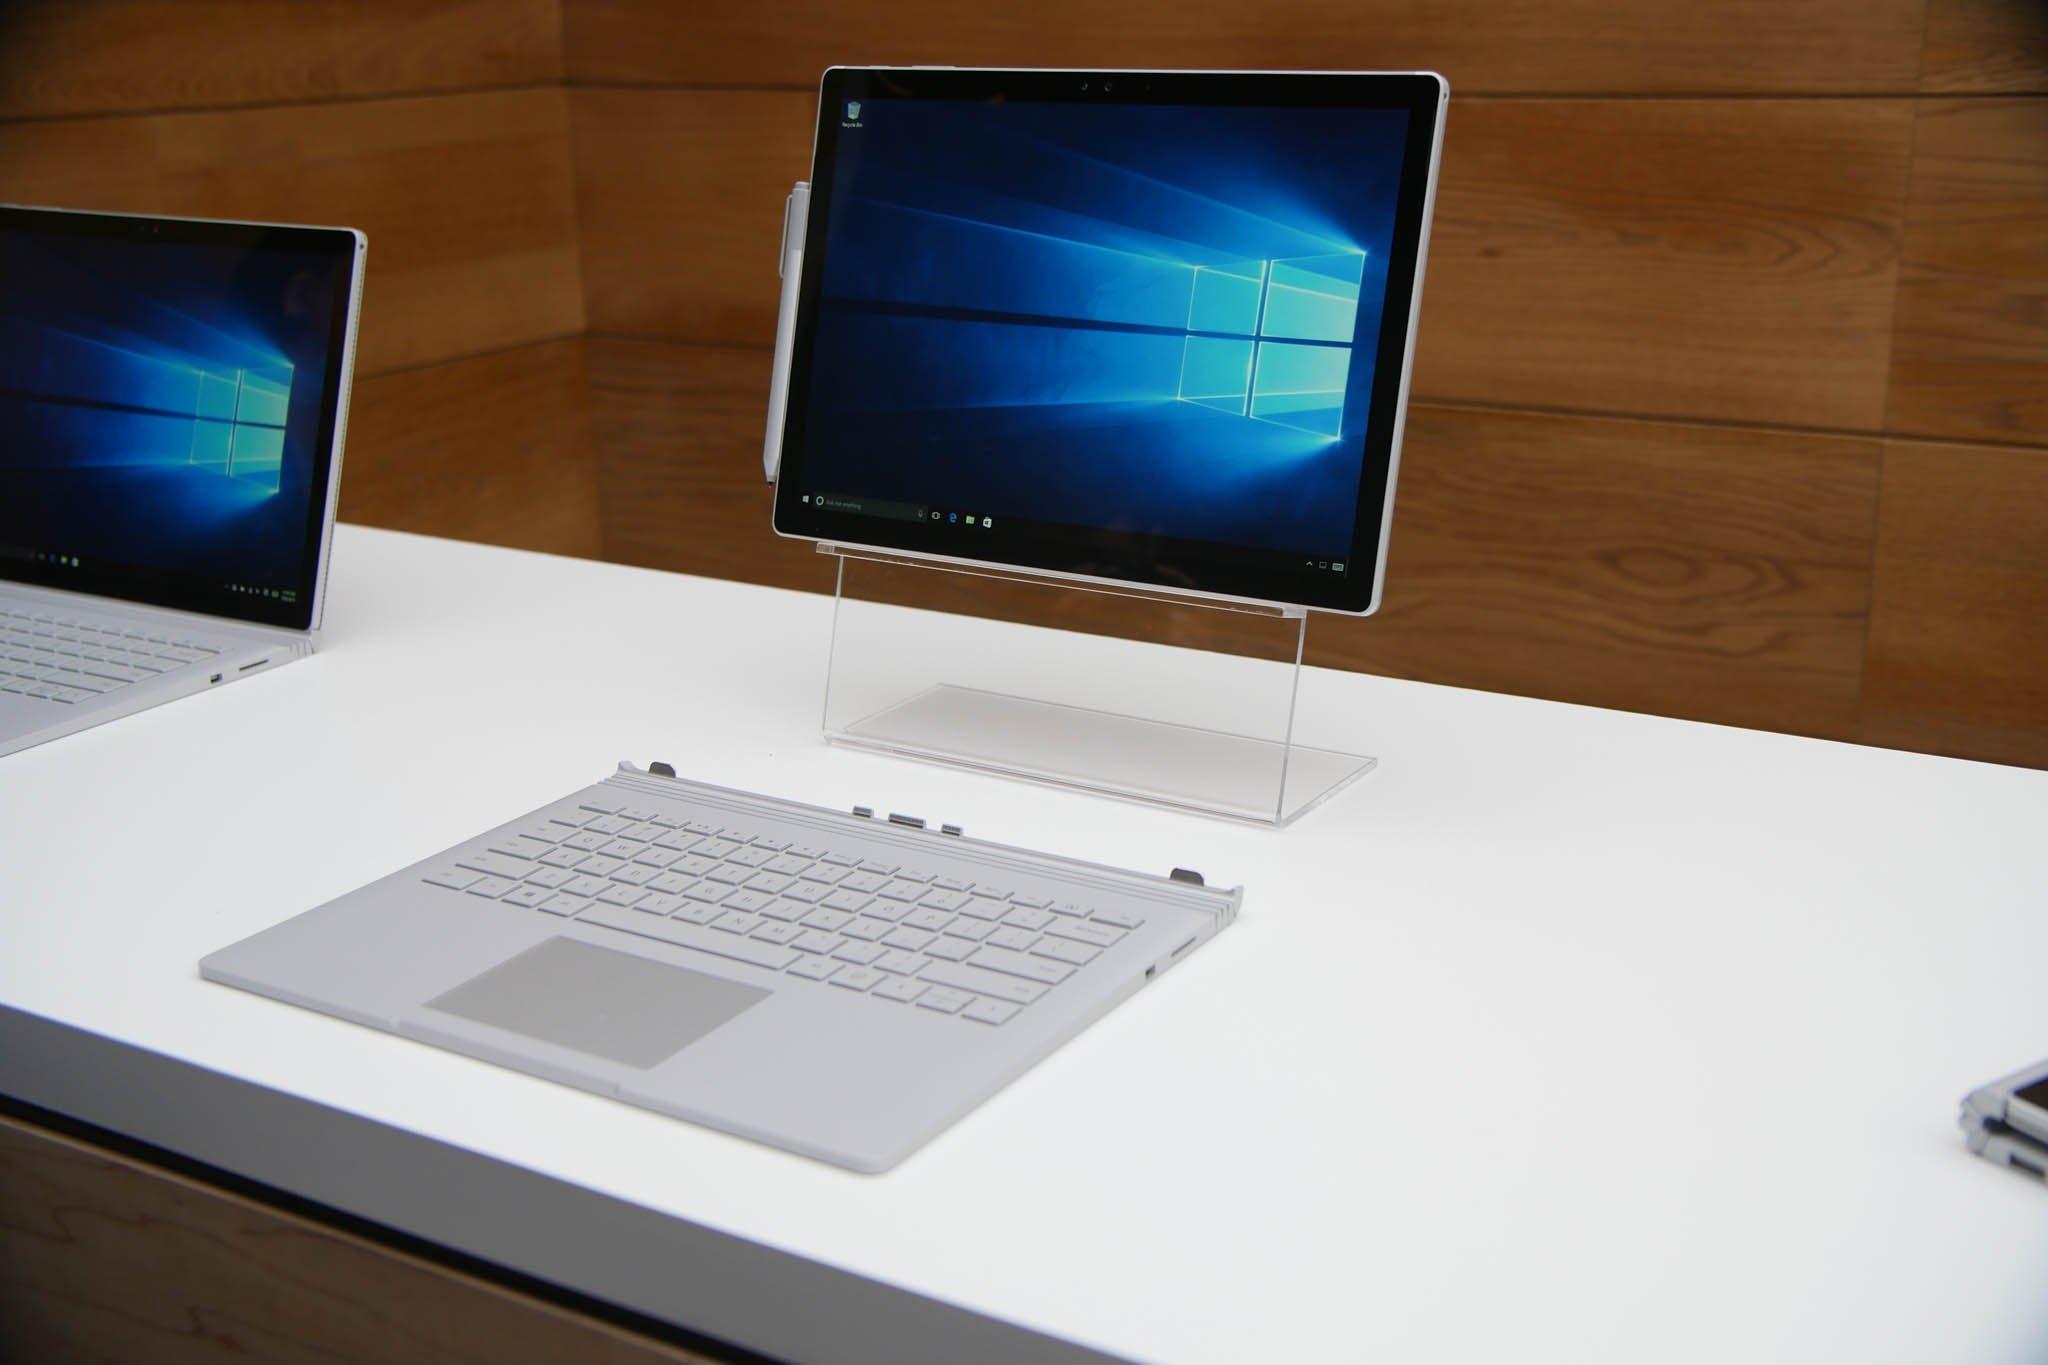 PC Or Mac Microsoft Surface Book Versus 13 Inch MacBook